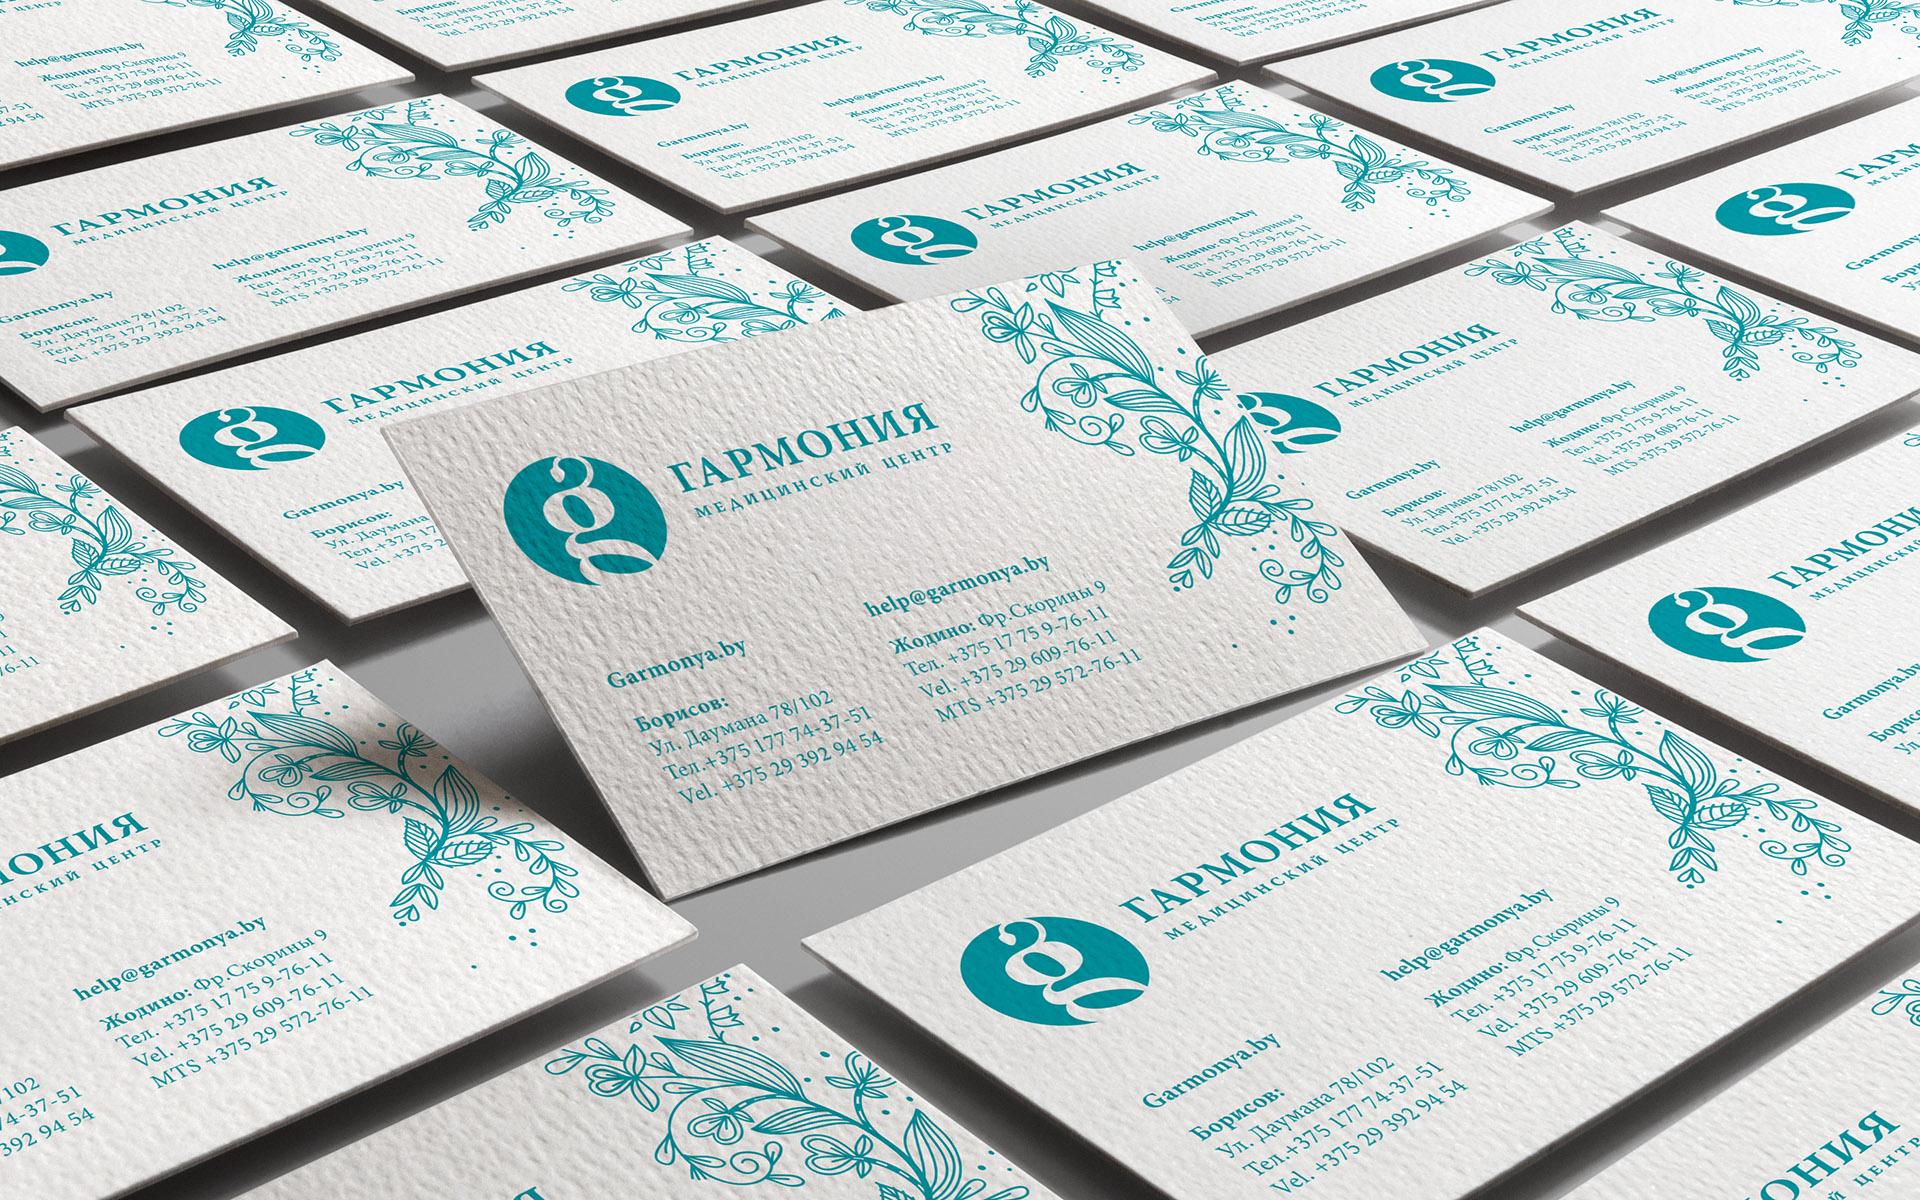 design визитных карточек of the medical center